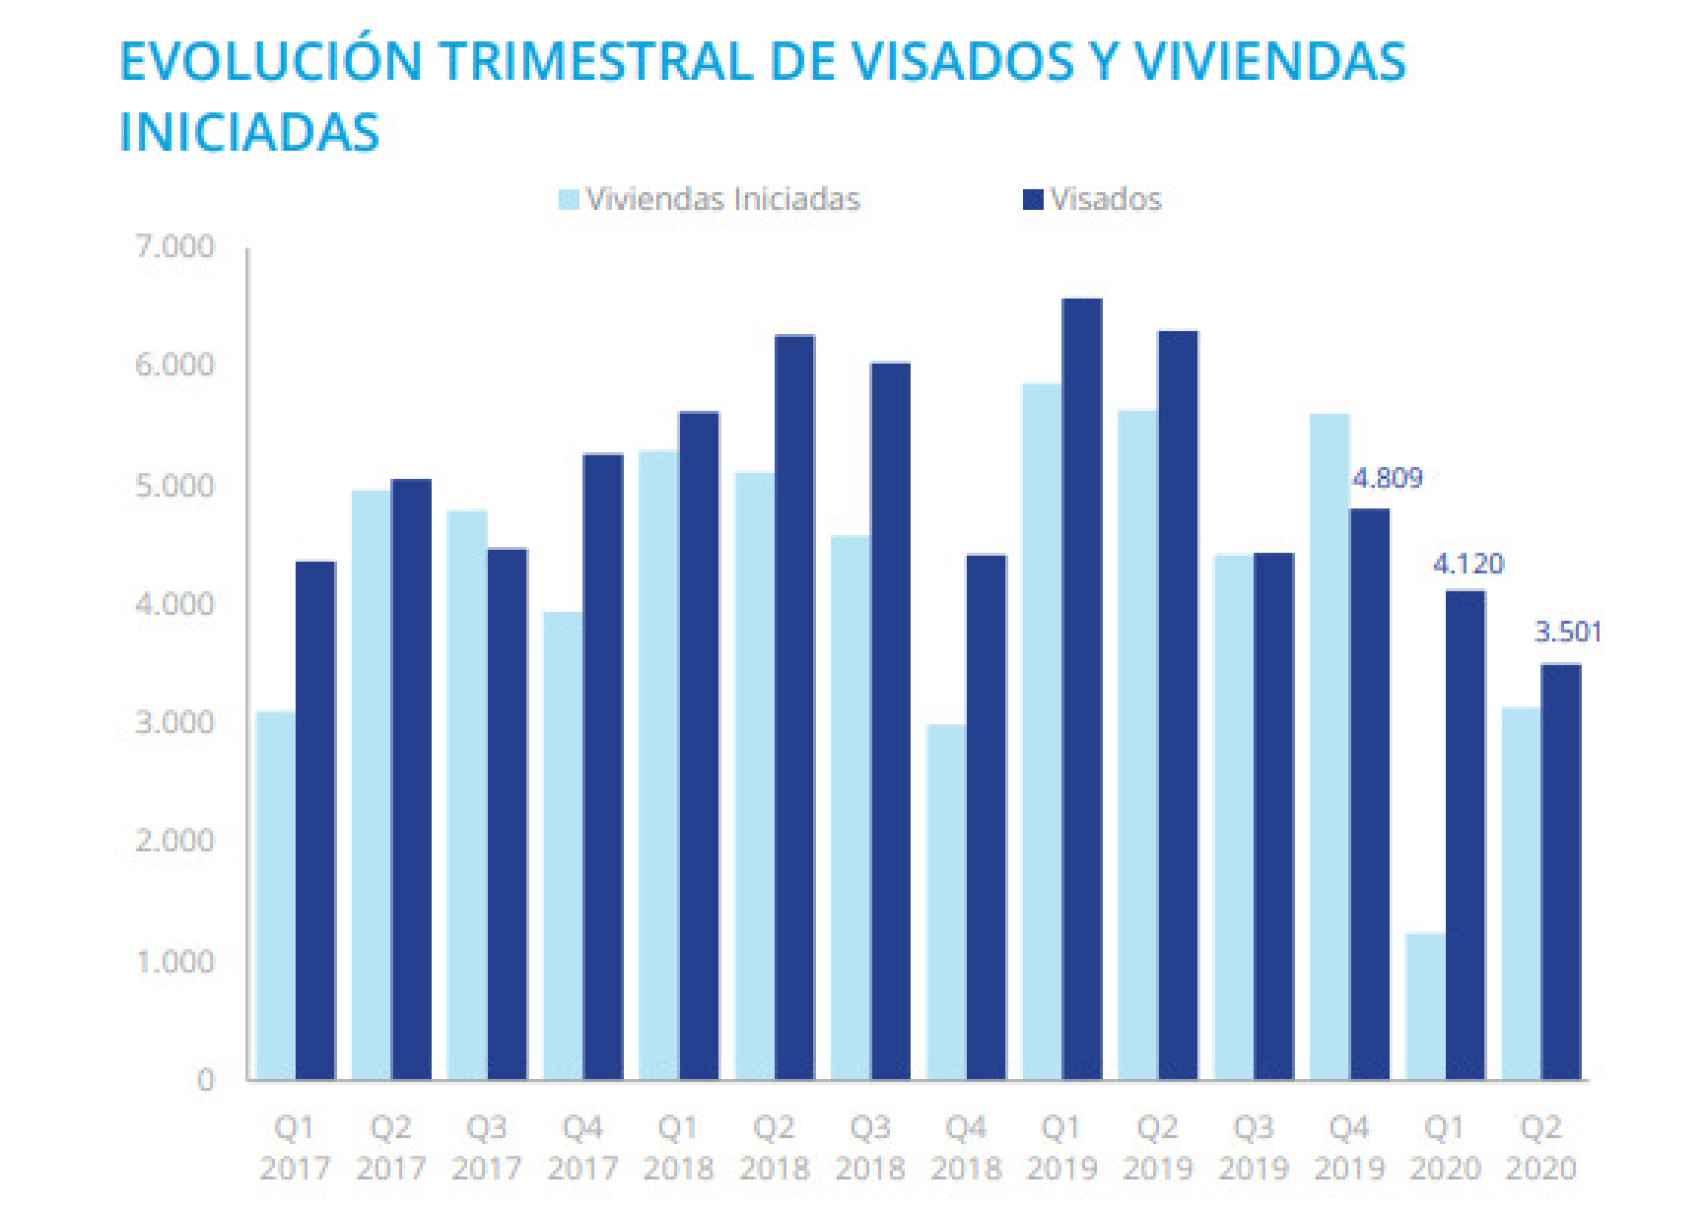 Evolución trimestral de visados en la Comunidad de Madrid.